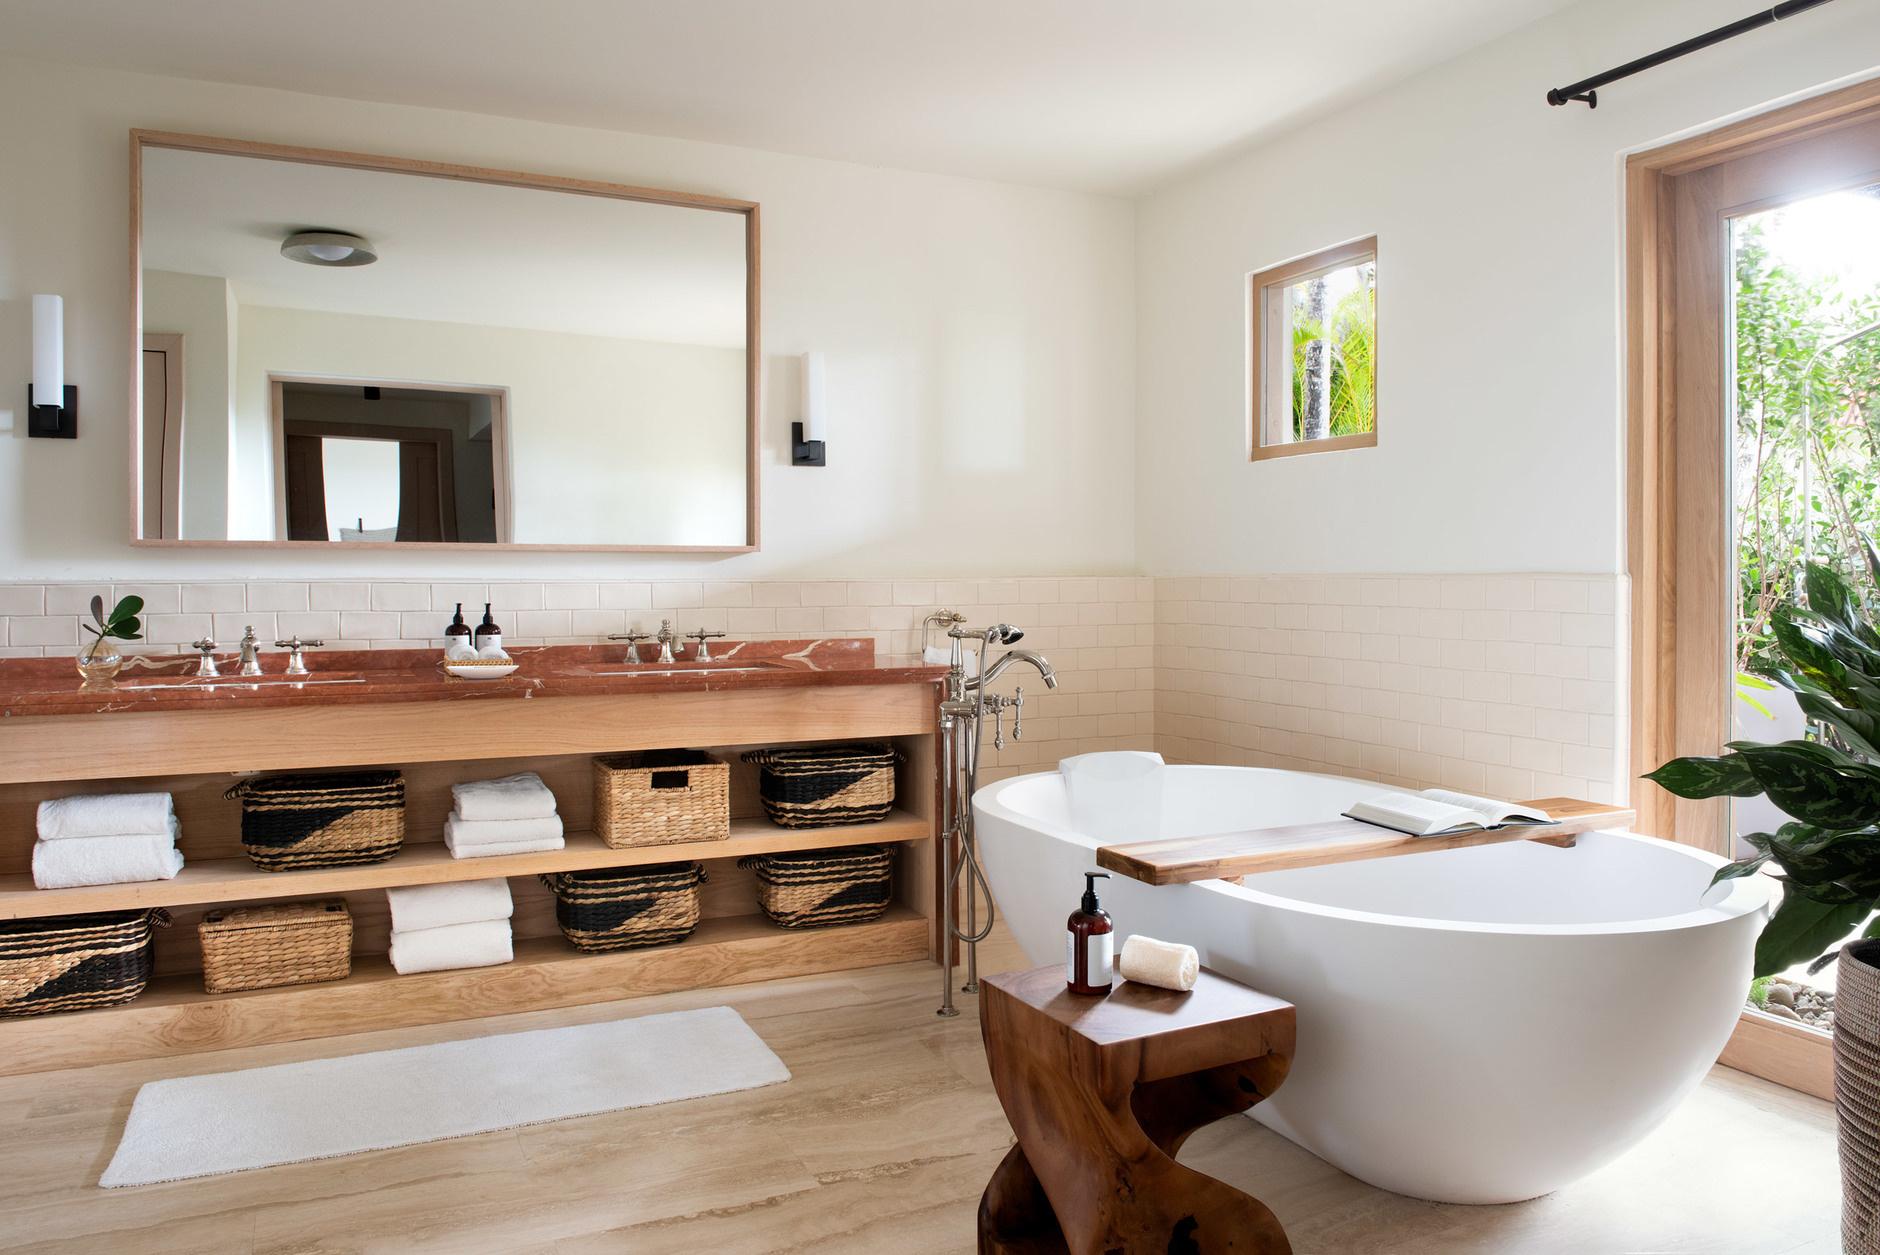 Одна ванная, две раковины: 20 примеров (галерея 1, фото 2)